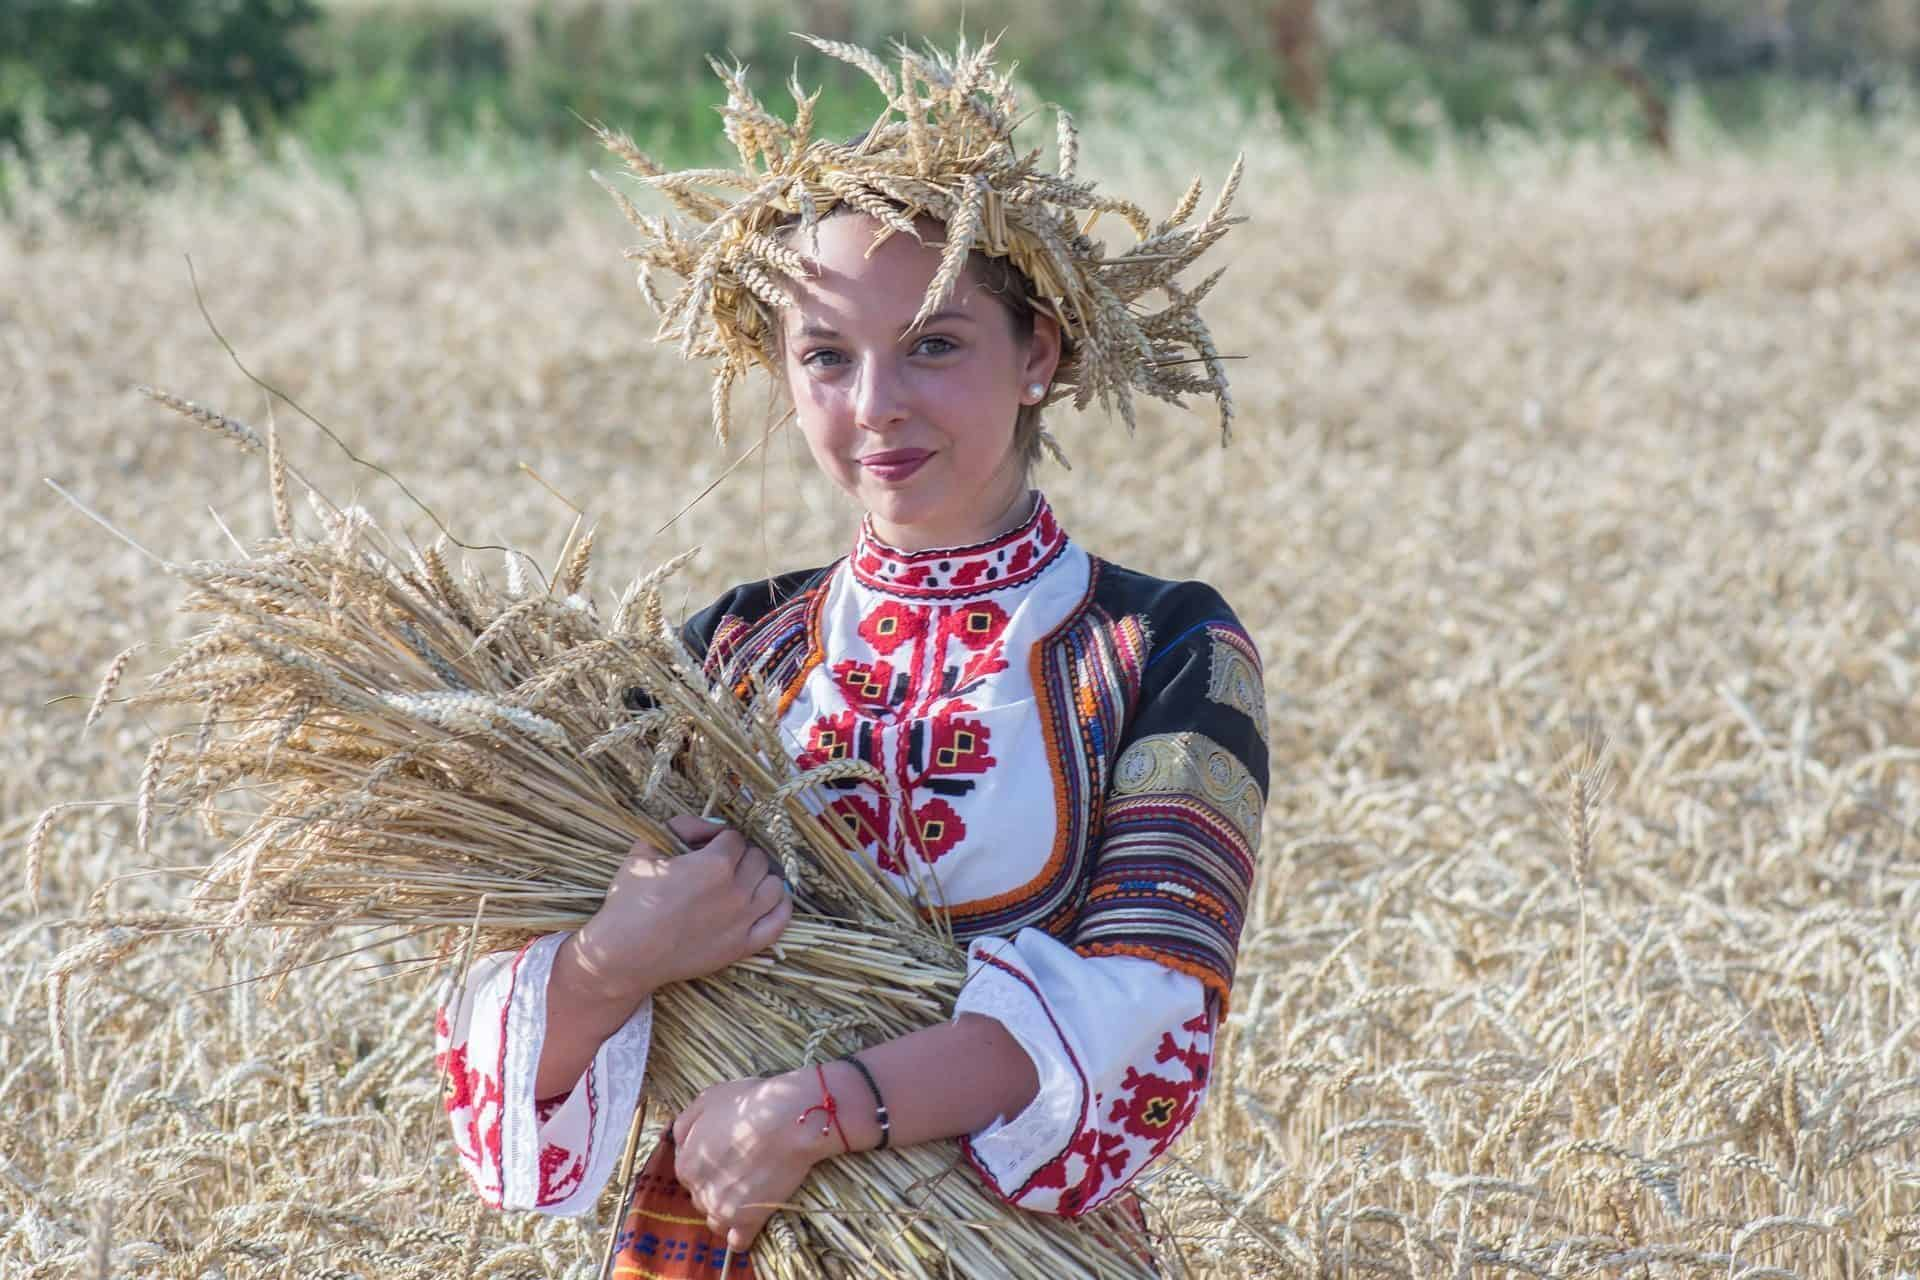 agricultura organica pontos positivos e negativos